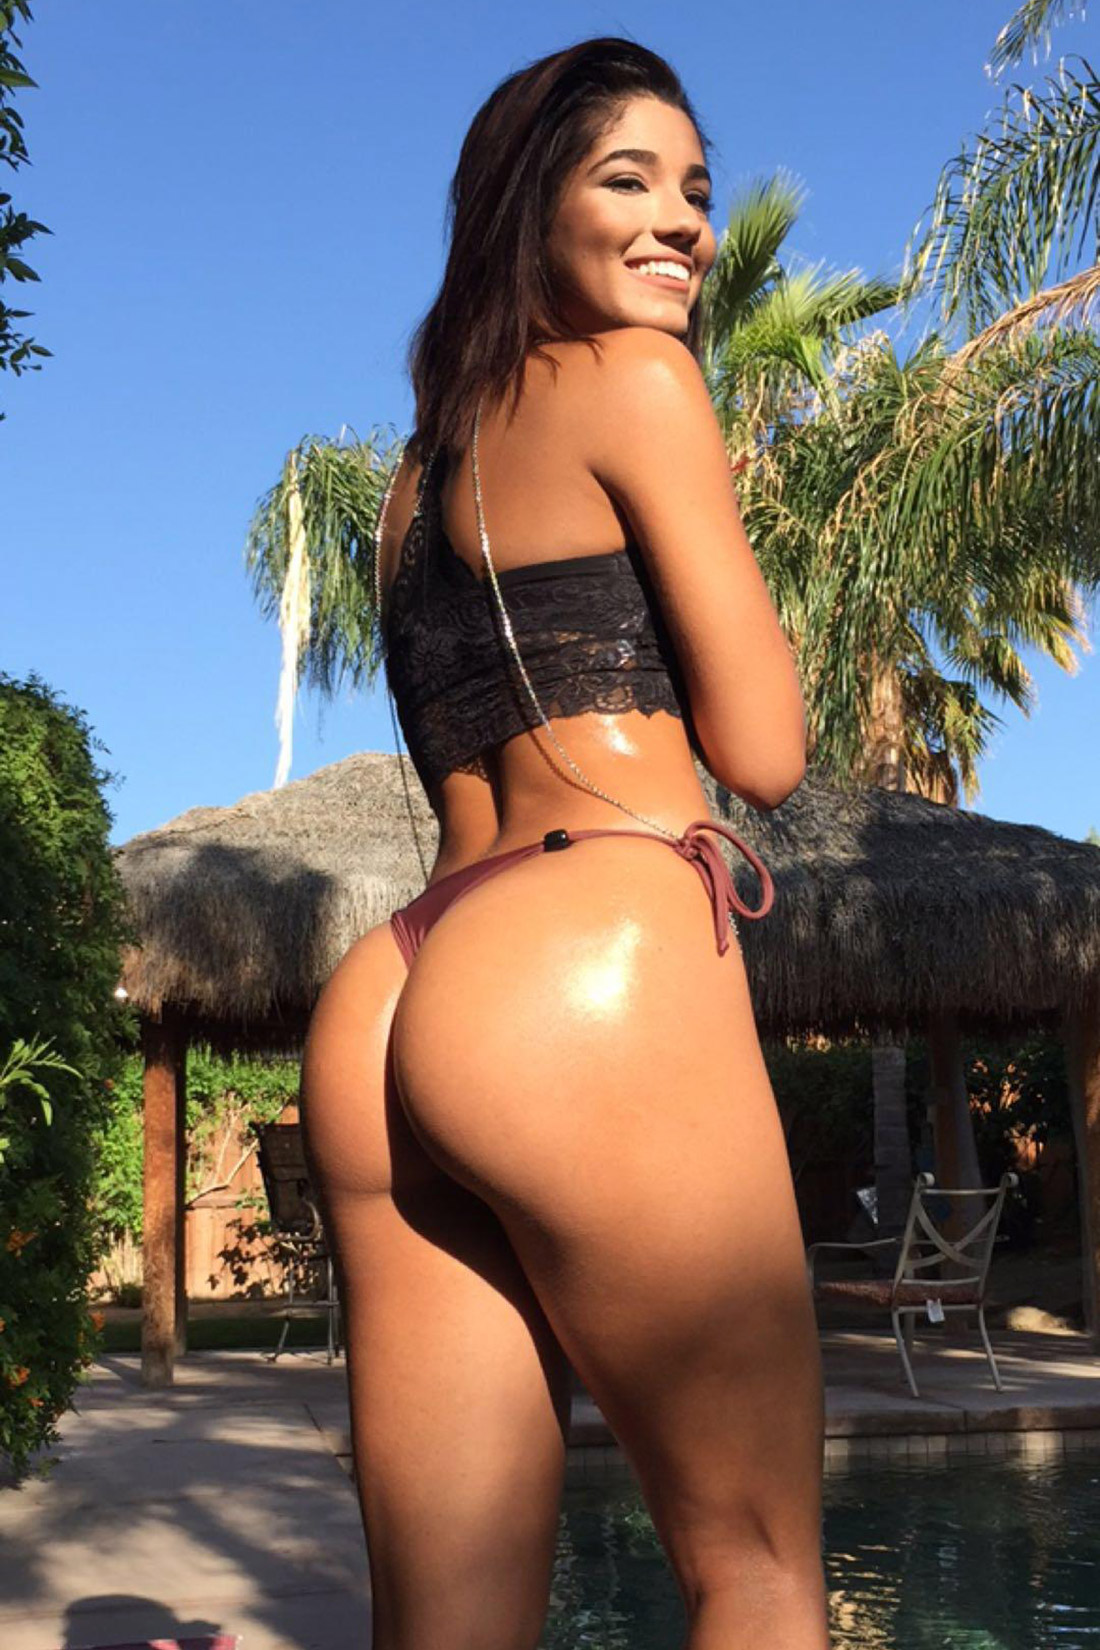 naughty pic of yovanna ventura in string bikini thong looking back at the camera